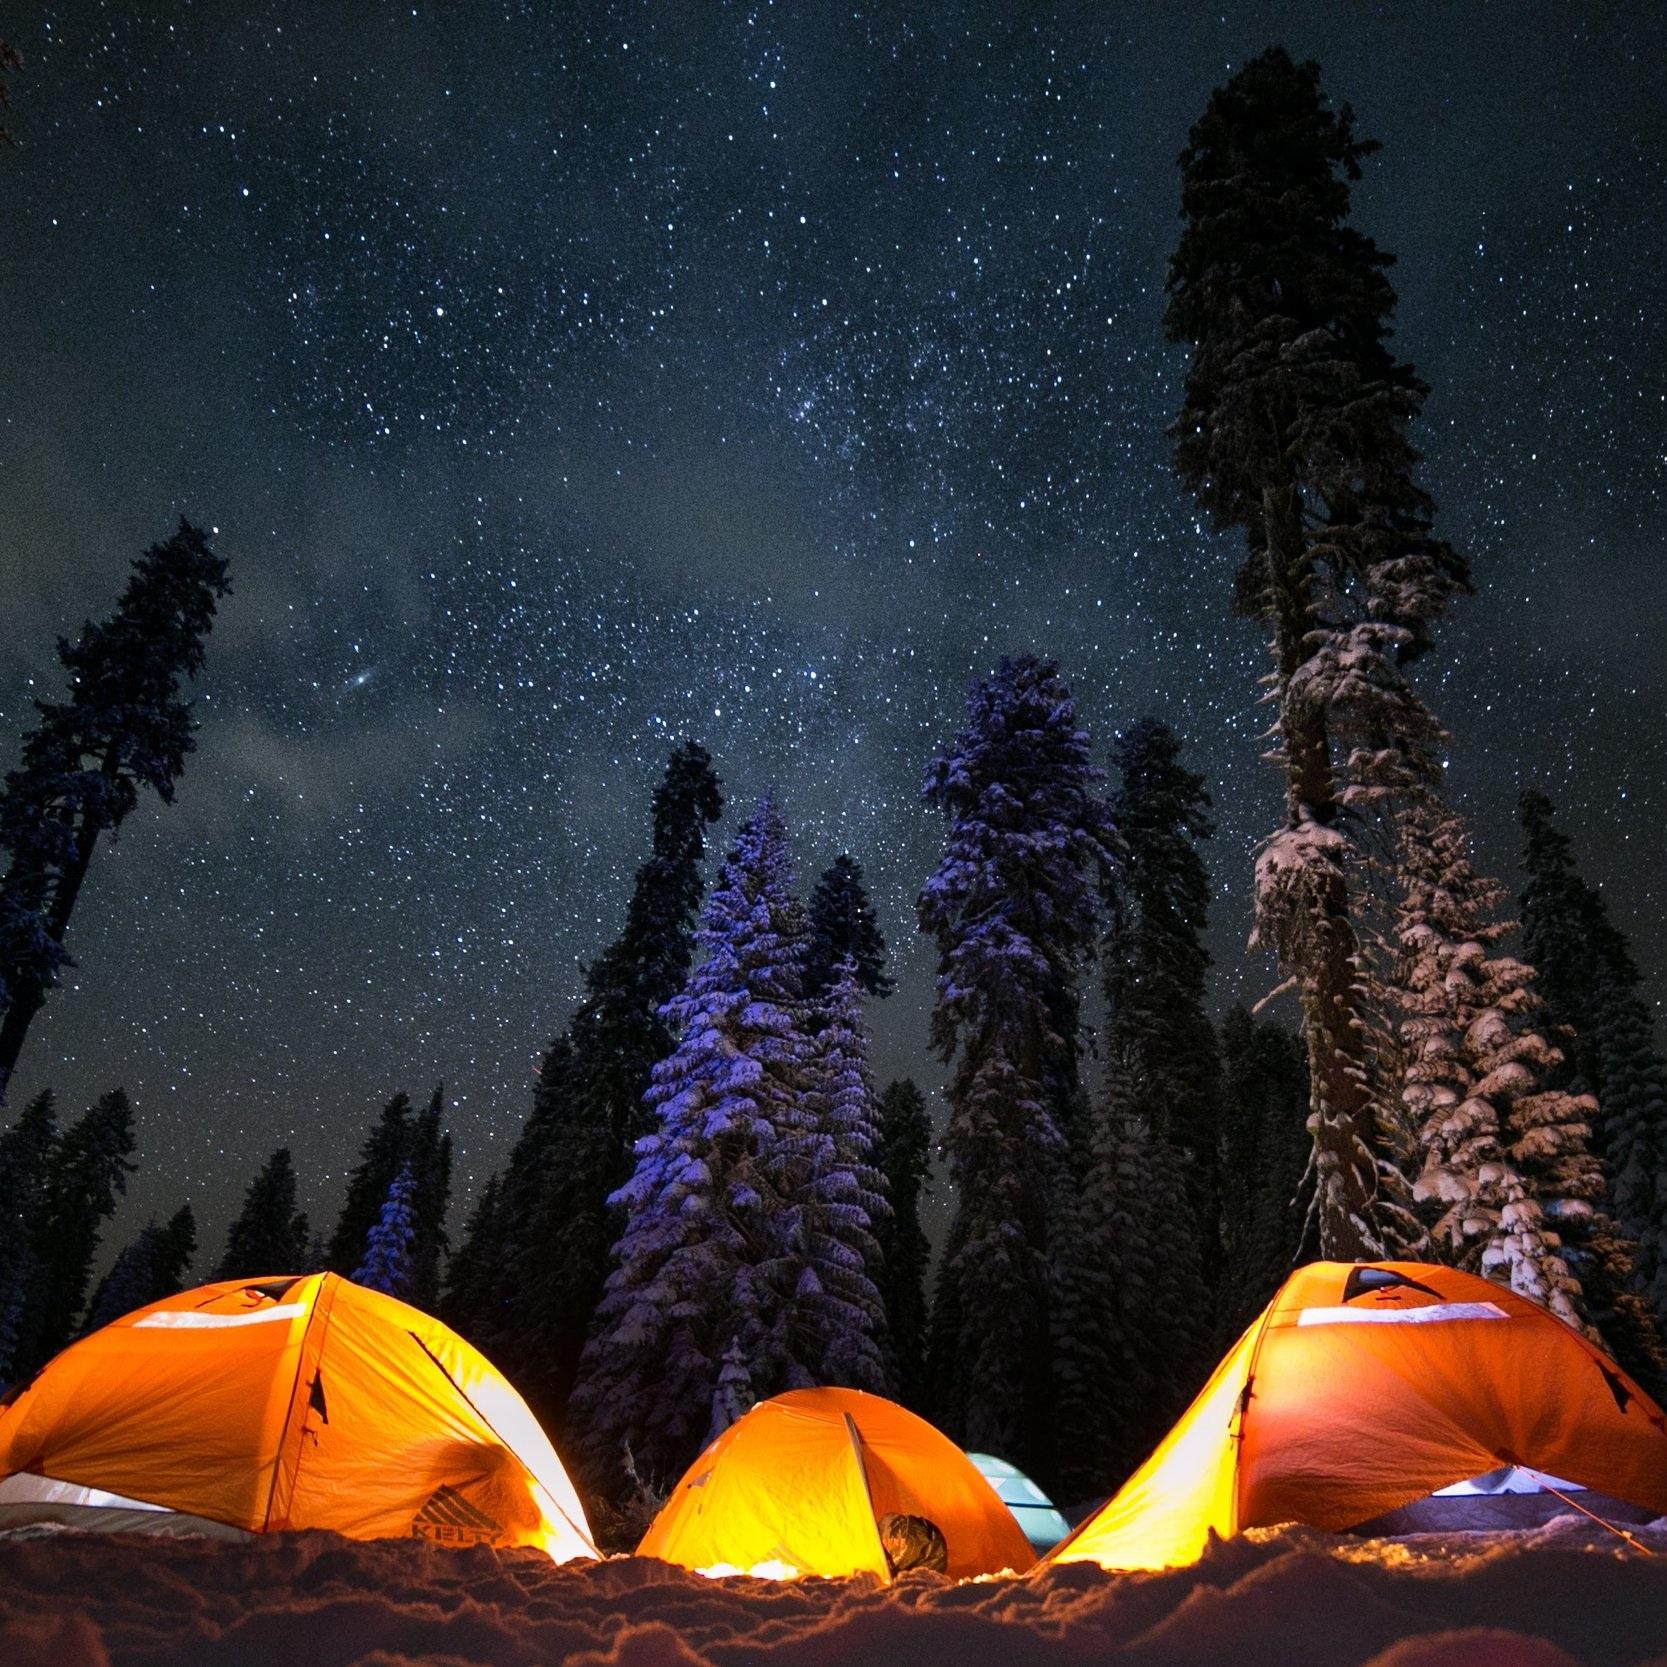 Camping & RVing BC Coalition -